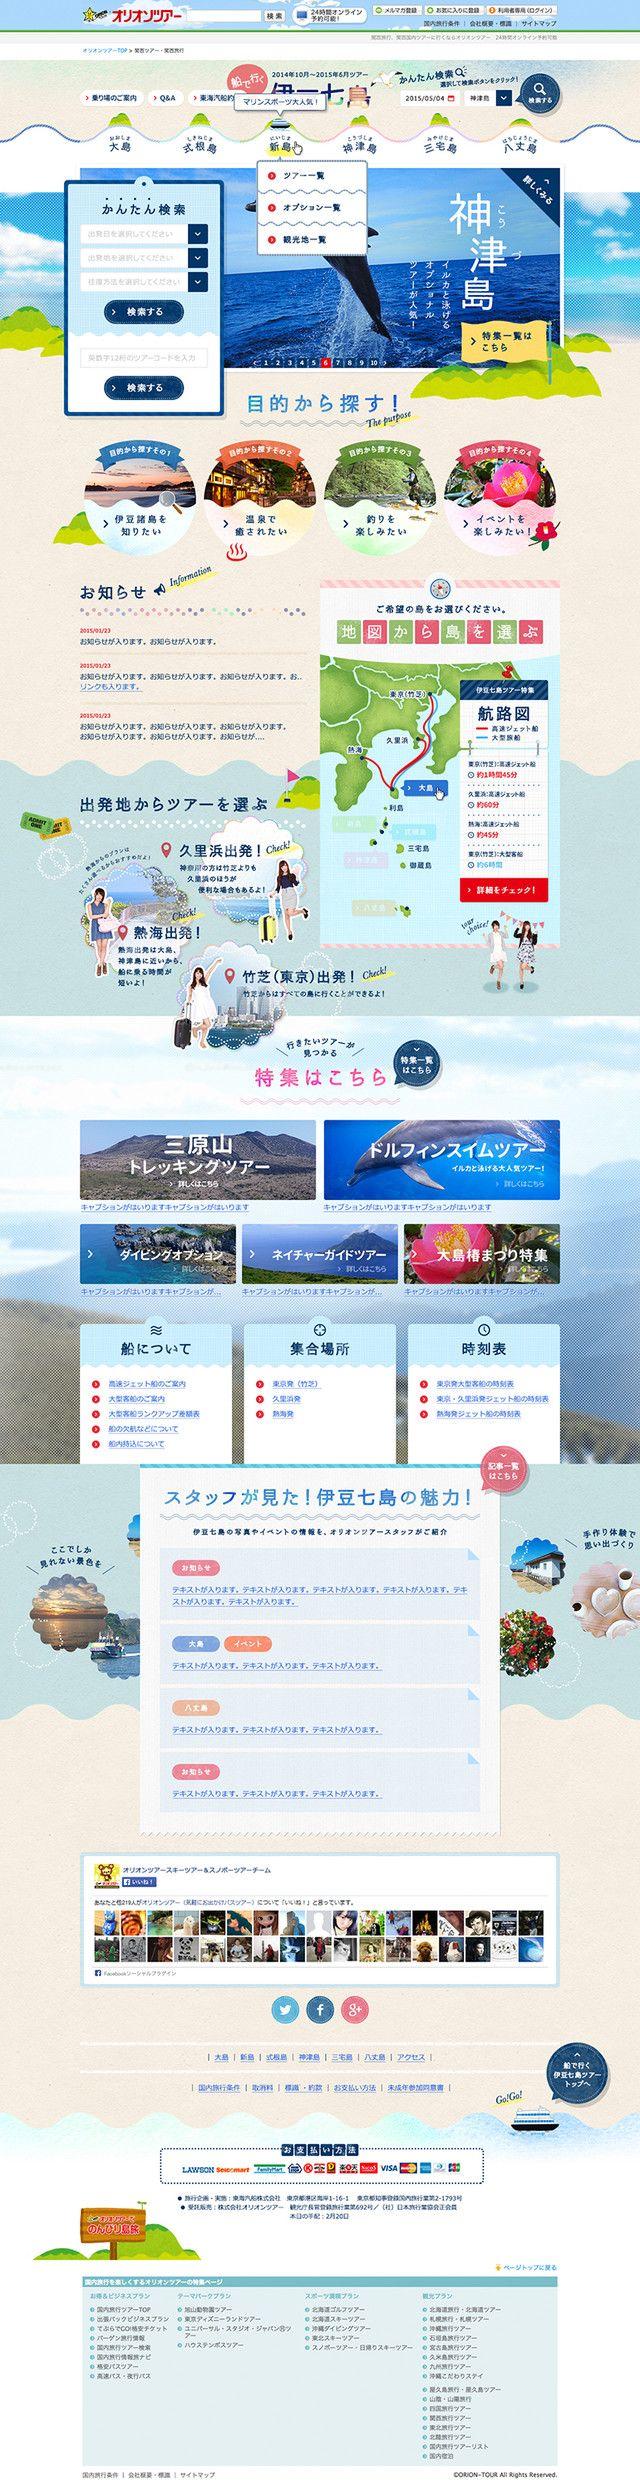 オリオンツアー 伊豆七島 - ohishiyumico http://www.orion-tour.co.jp/izu/